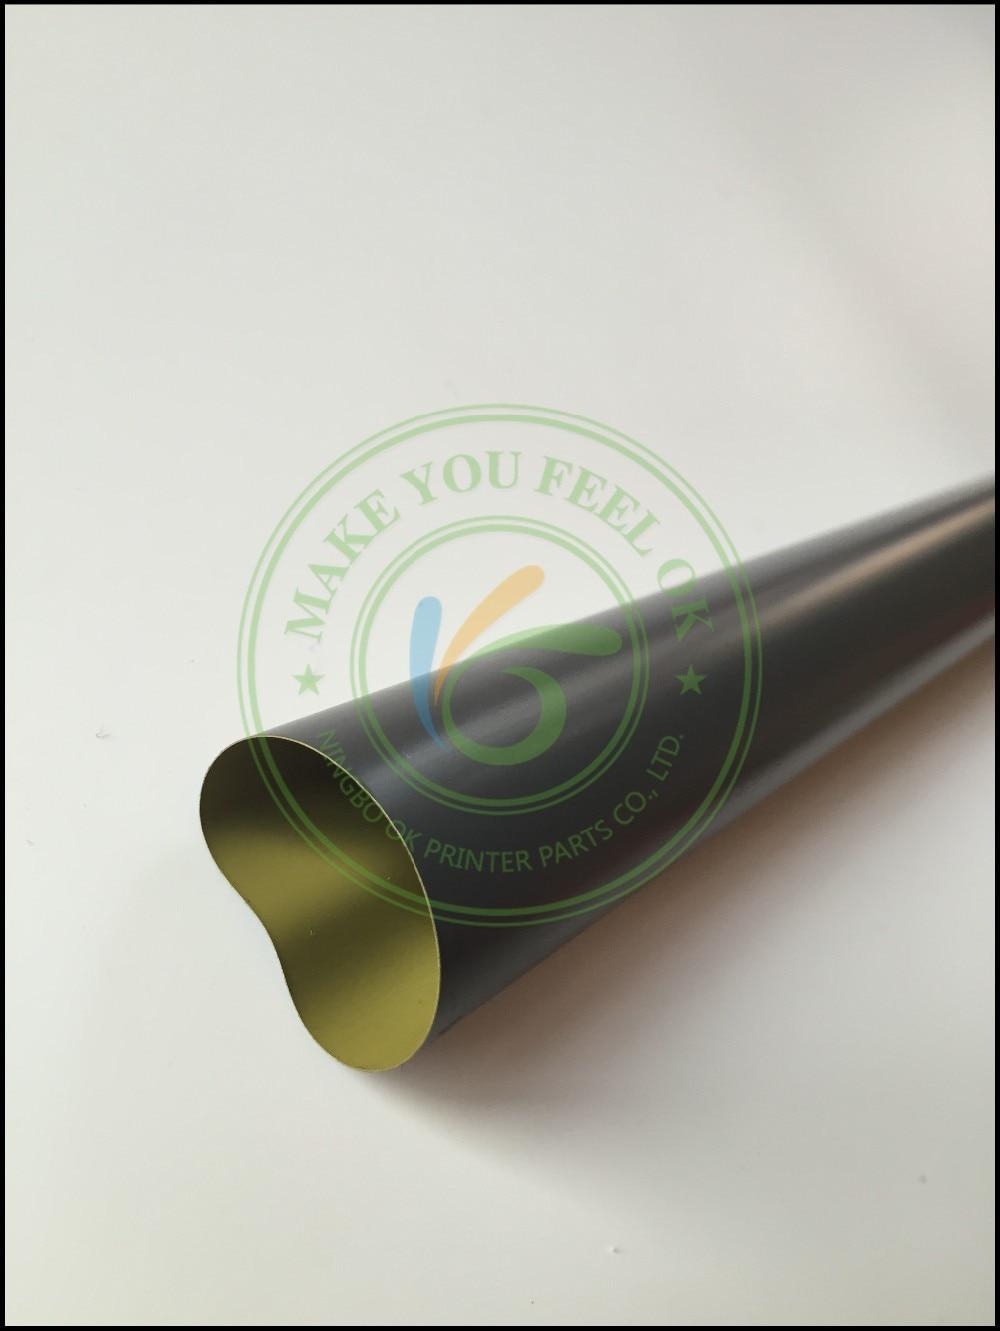 Совместимый RG5-5570-FILM RG5-5570 установка термозакрепляющего устройства пленочный рукав для hp 2200 2200D 2300 2400 2410 2420 2430 3005 P3005 3035